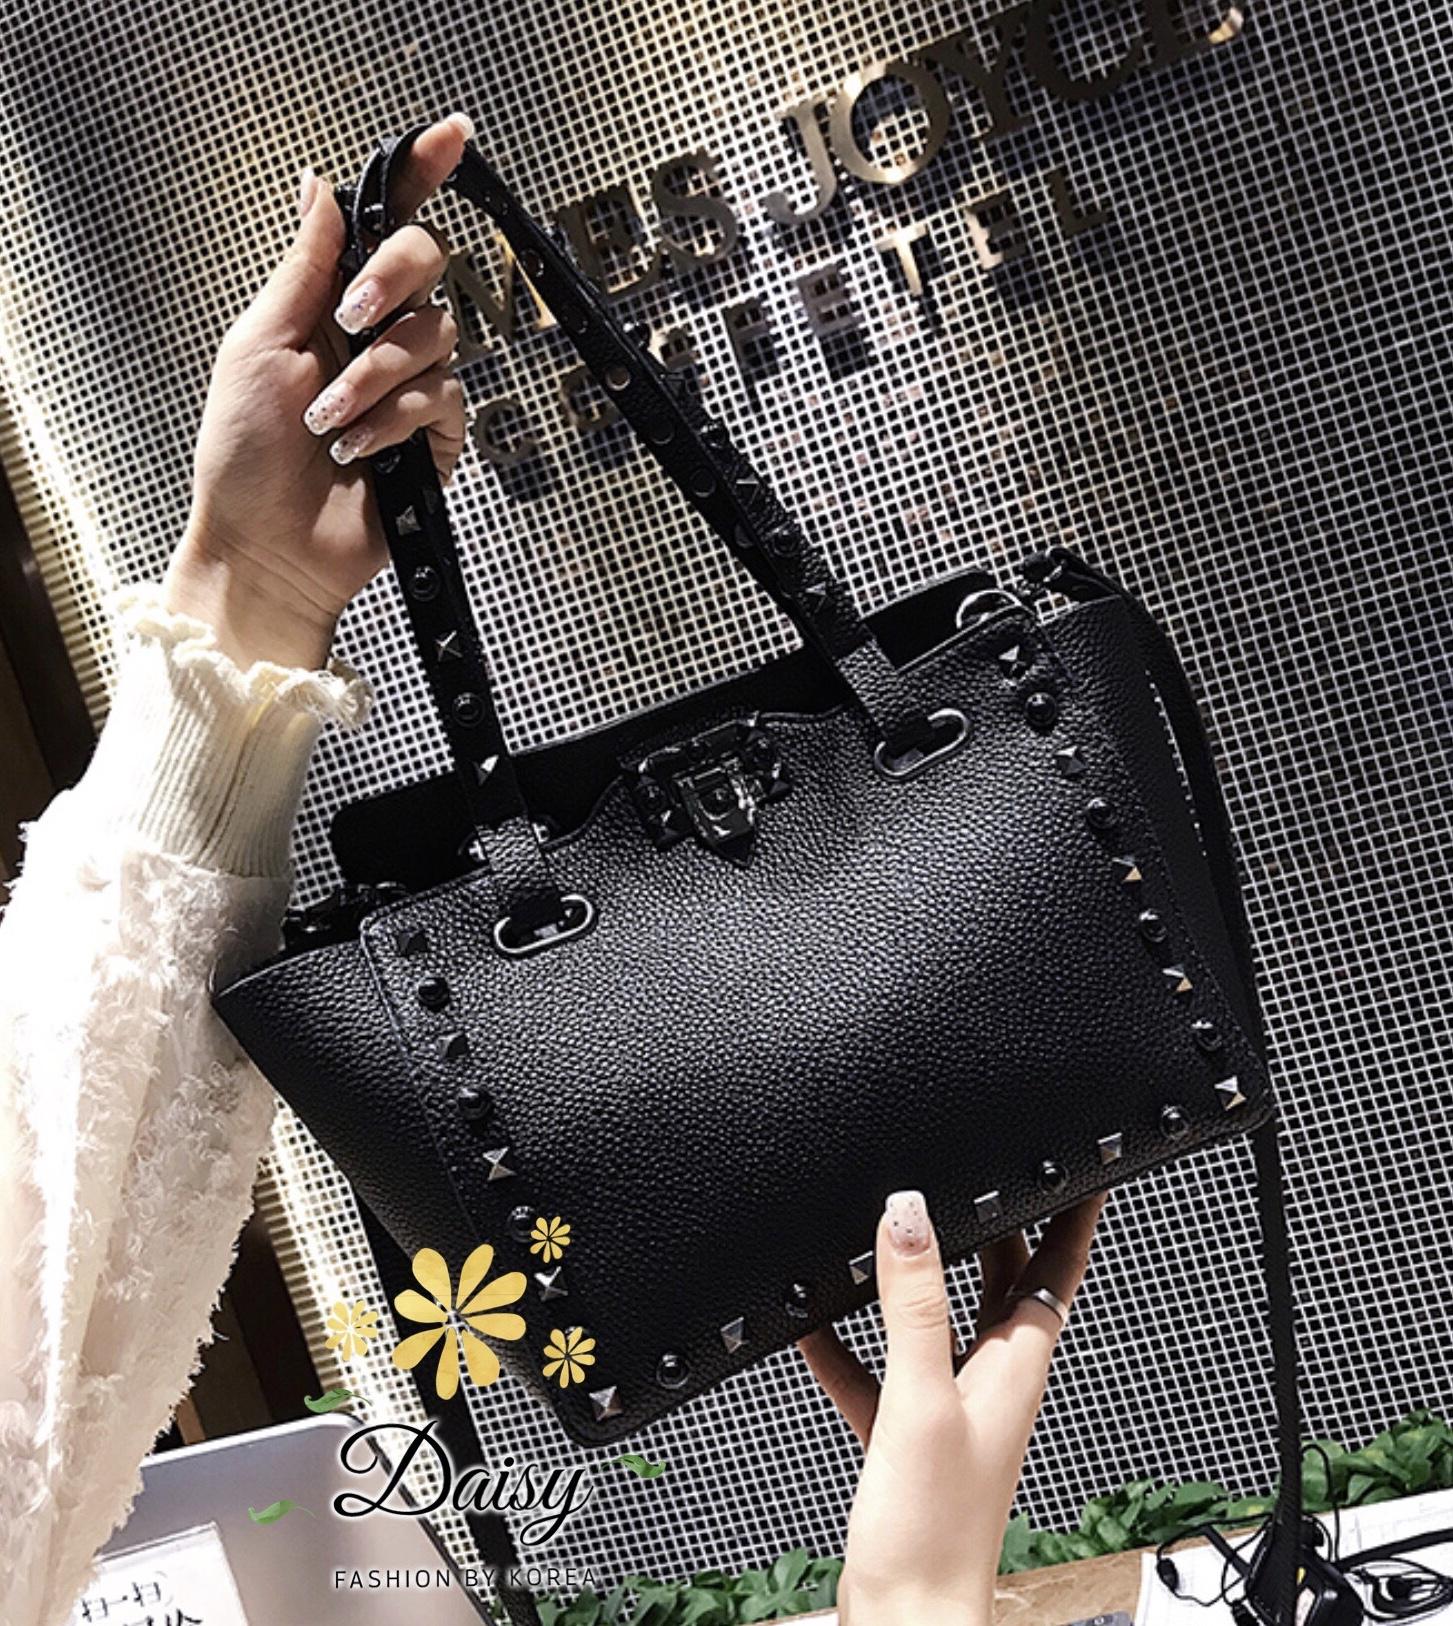 กระเป๋าทรงฮิต แบบปากกว้าง ทรงนี้ใส่ของได้เยอะใบไม่ใหญ่มาก หาของได้ง่ายค่ะเพราะปากกว้าง วัสดุหนัง pu แบบนิ่ม แต่งหมุดสีดำ